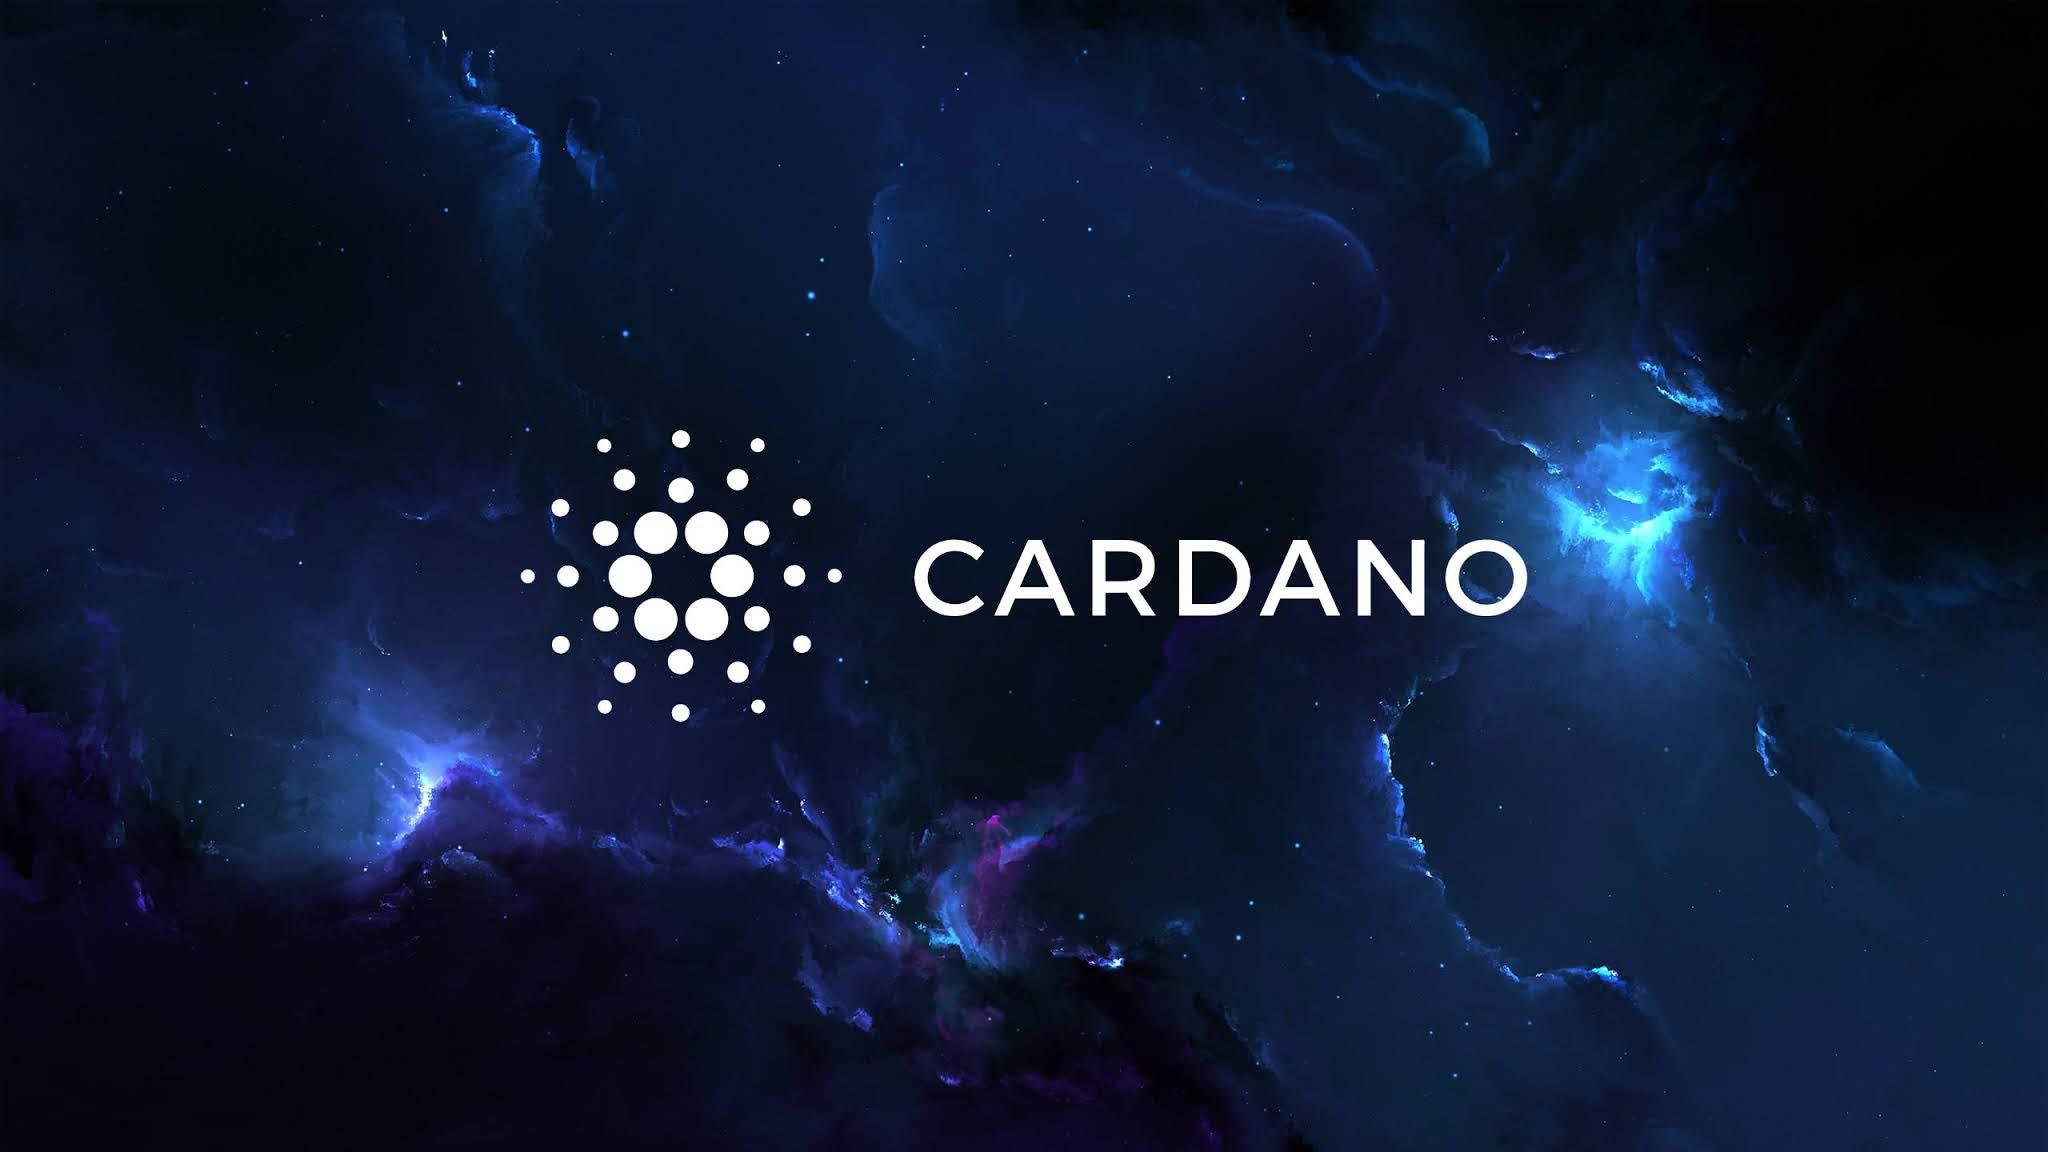 cardano 2